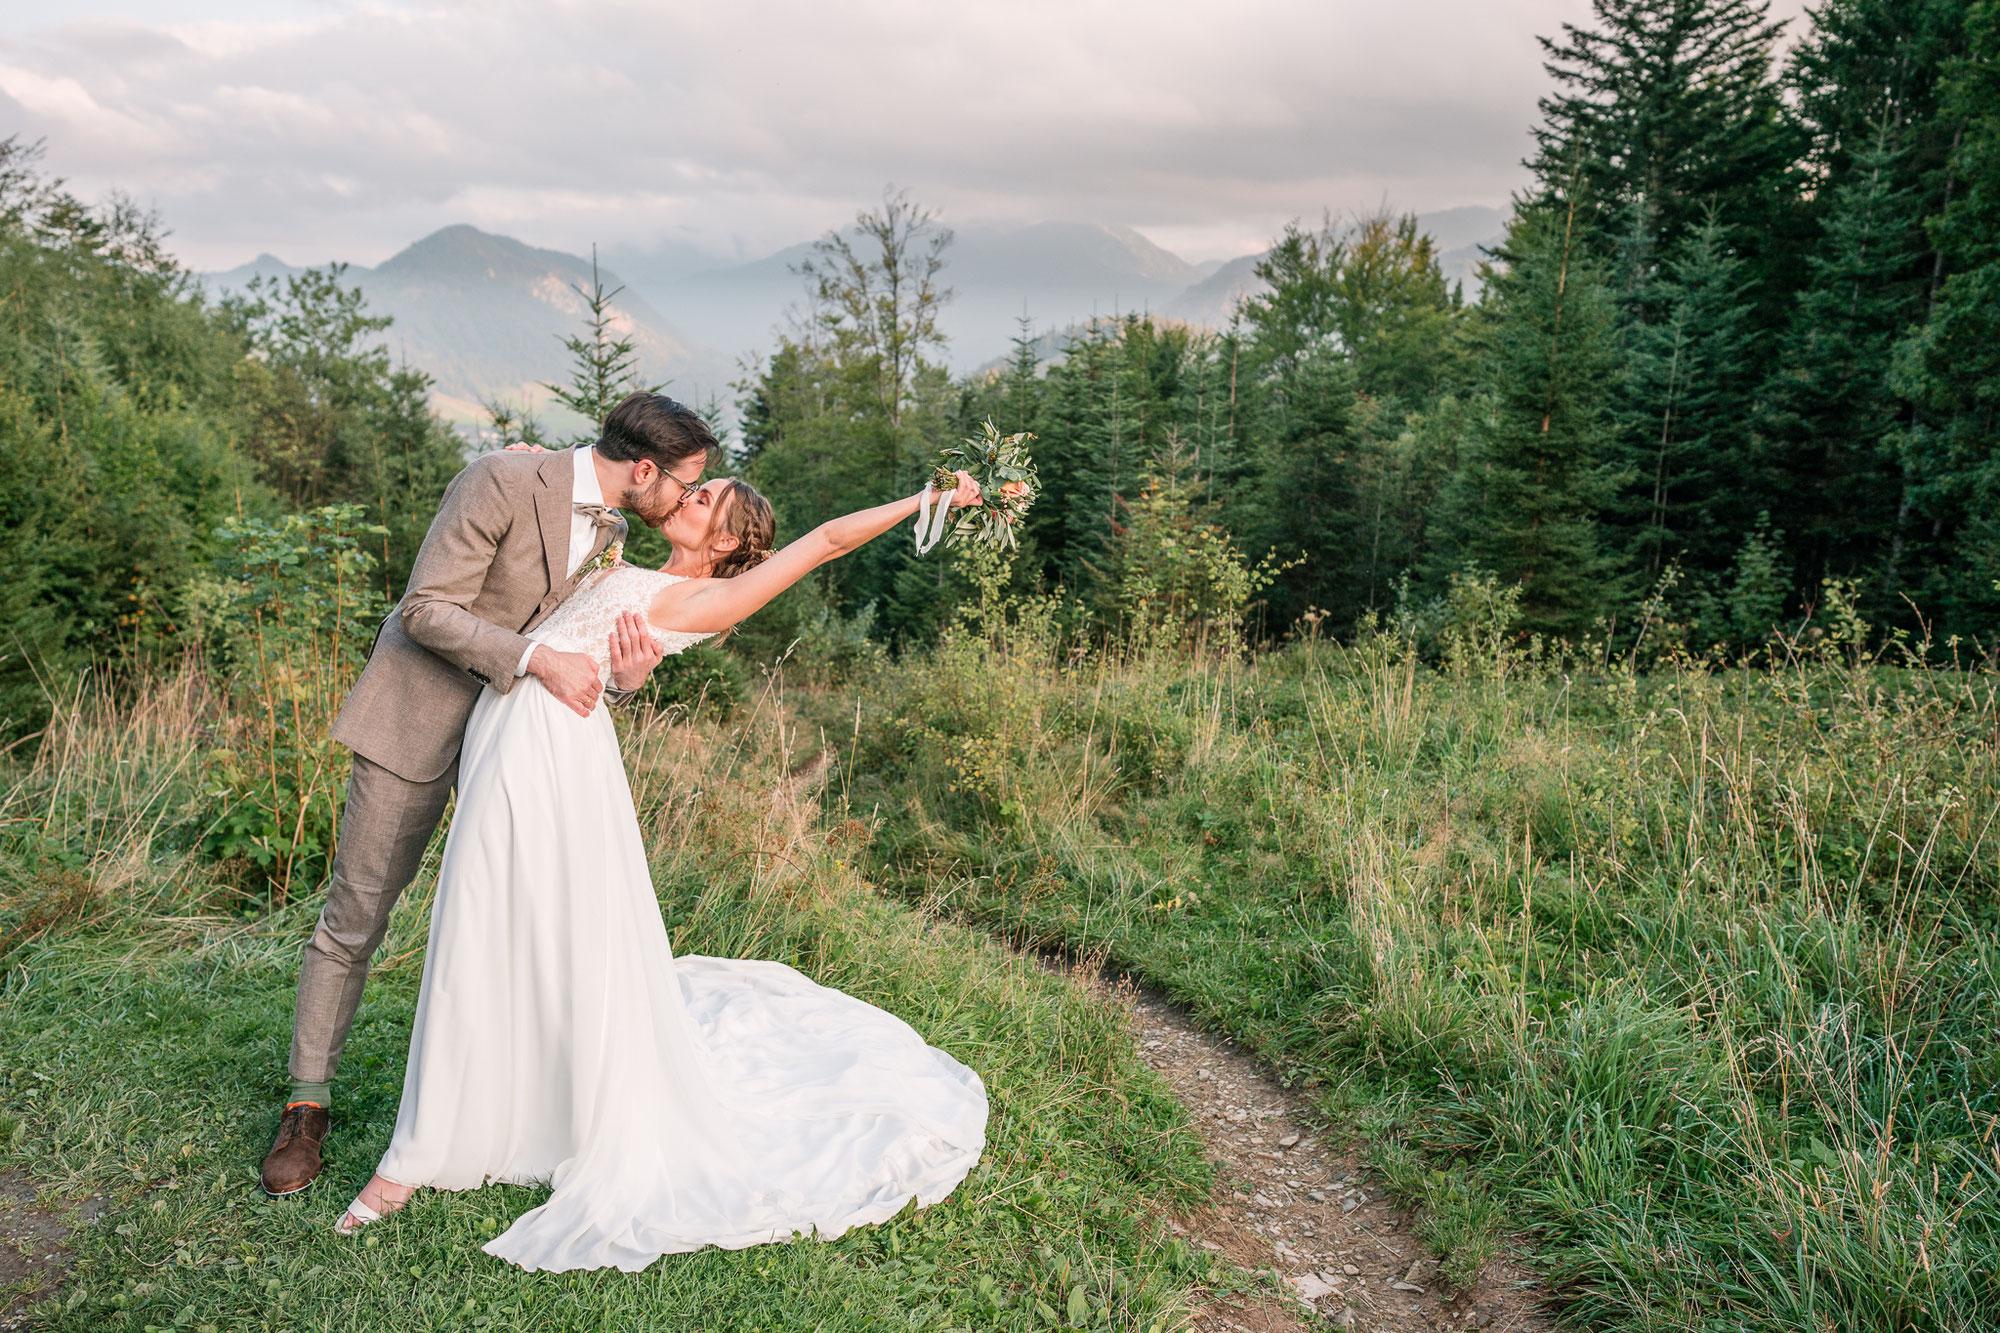 Svenja & Flo - standesamtliche Hochzeit Almbad Huberspitz am Schliersee